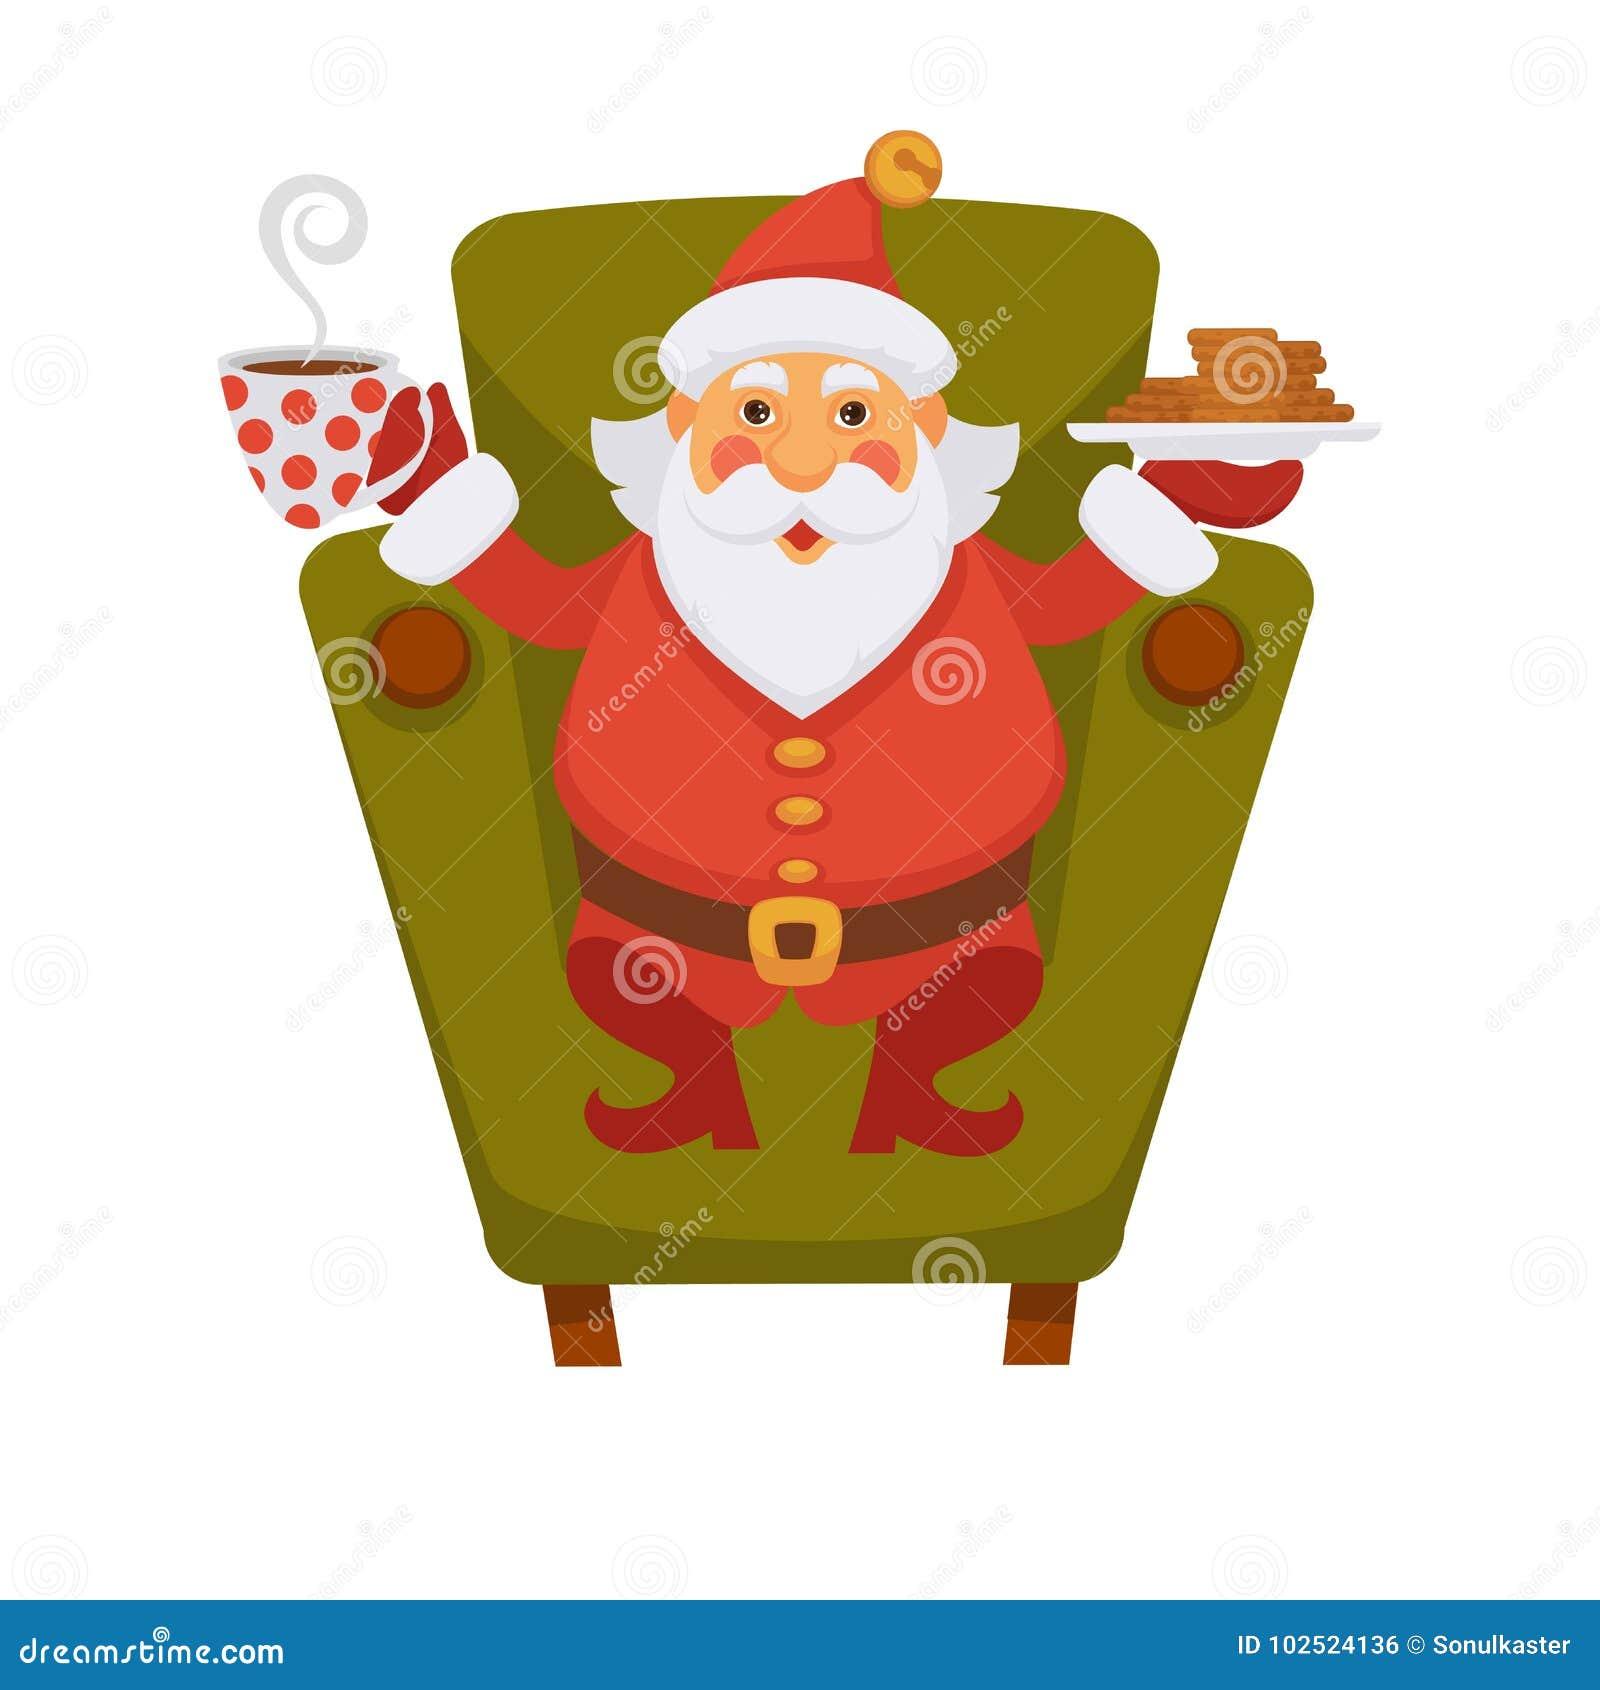 Imagenes De Galletas De Navidad Animadas.Icono Diario De Consumicion Del Vector Del Personaje De